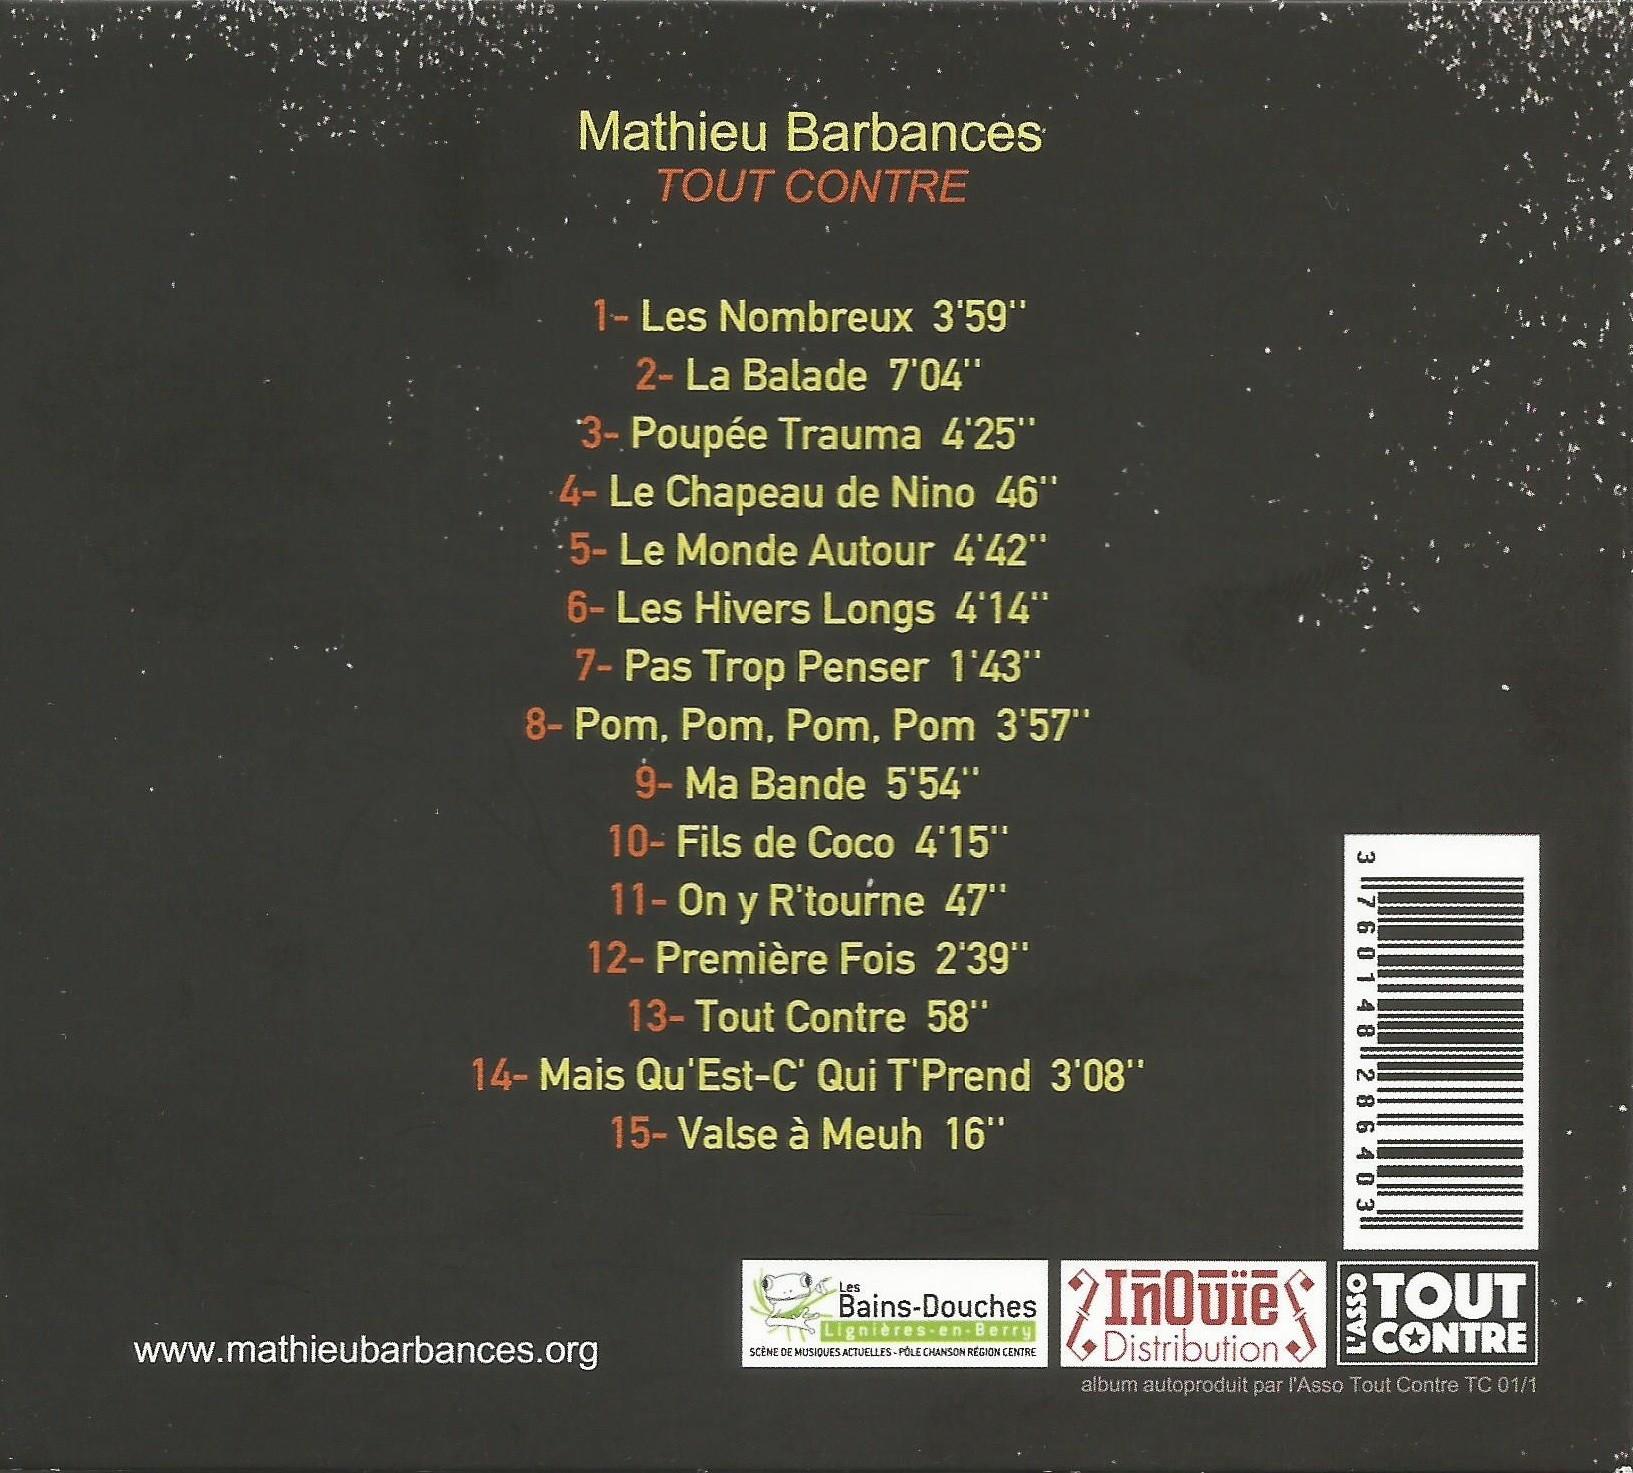 Mathieu Barbances : Tout contre